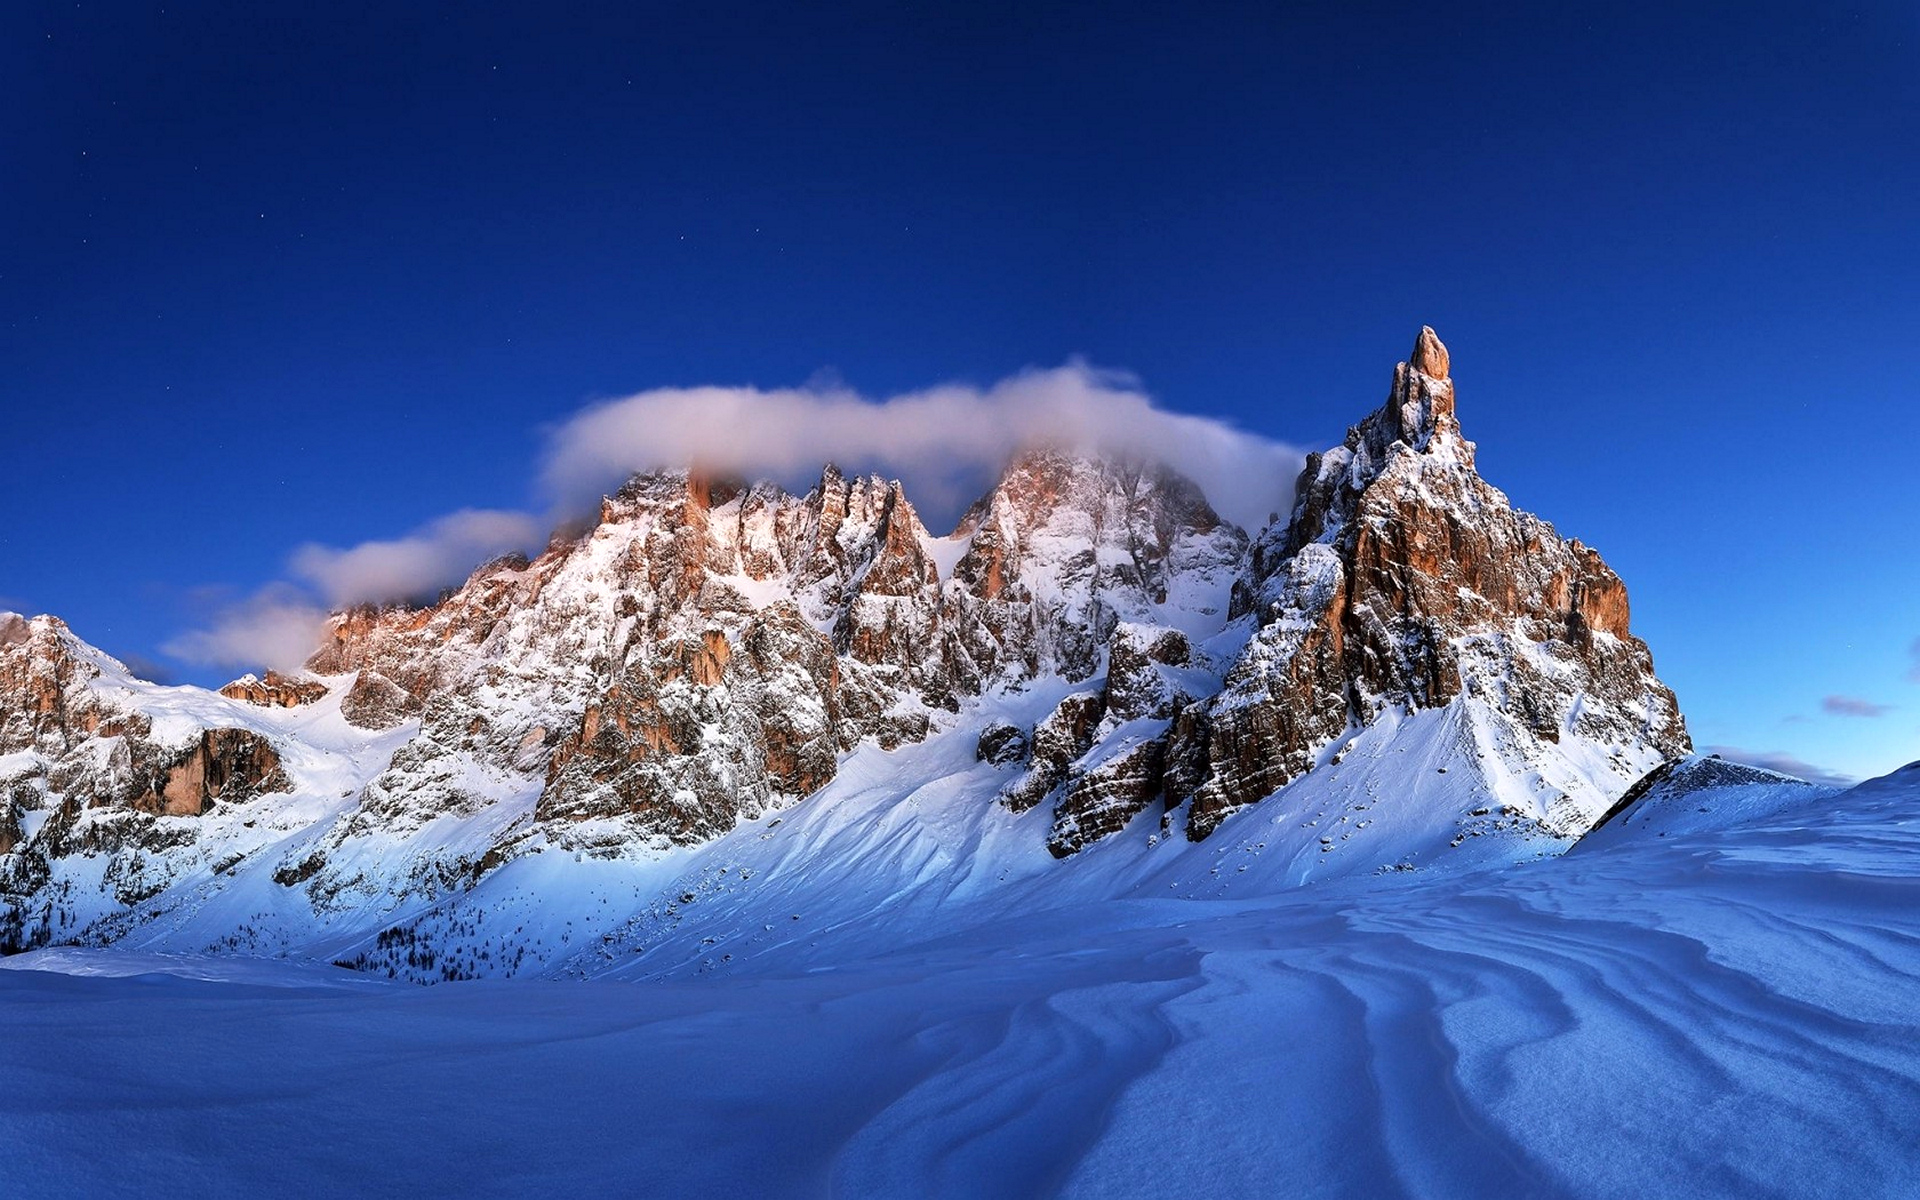 природа зима снег горы скалы деревья  № 2781227 без смс